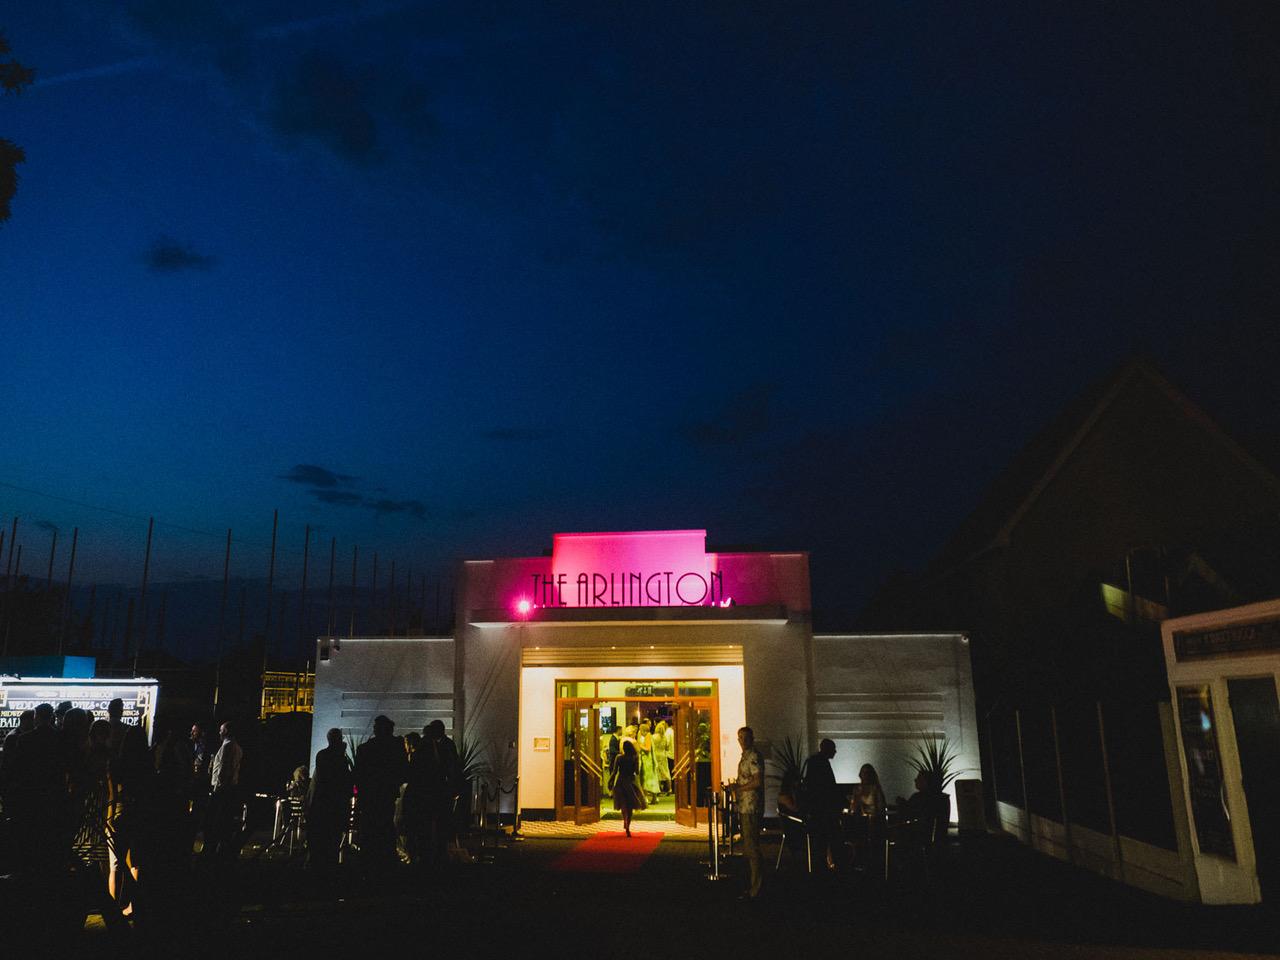 The Arlington Ballroom exterior, Southend-on-Sea